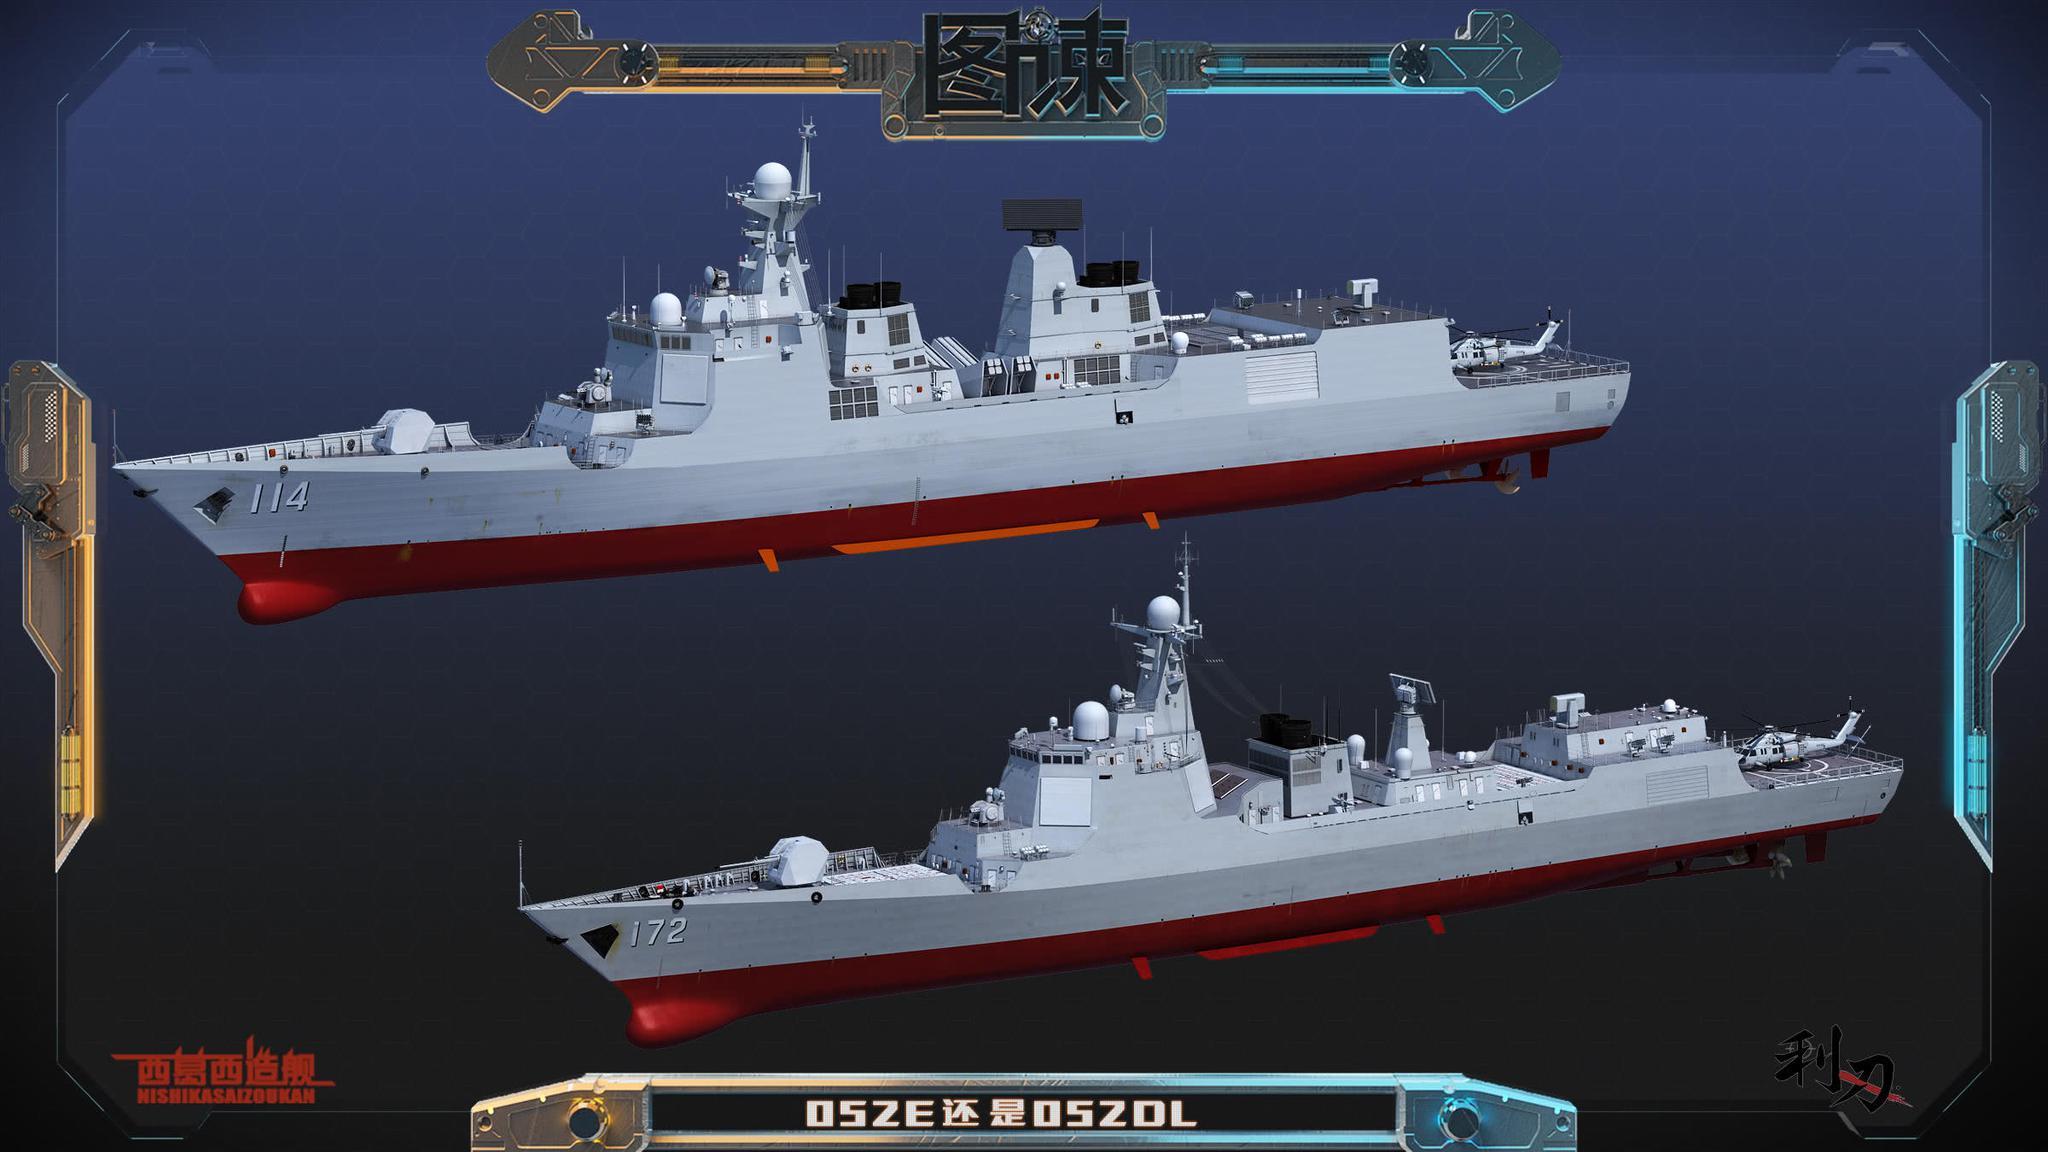 海军 航母 舰 军事 2048_1152